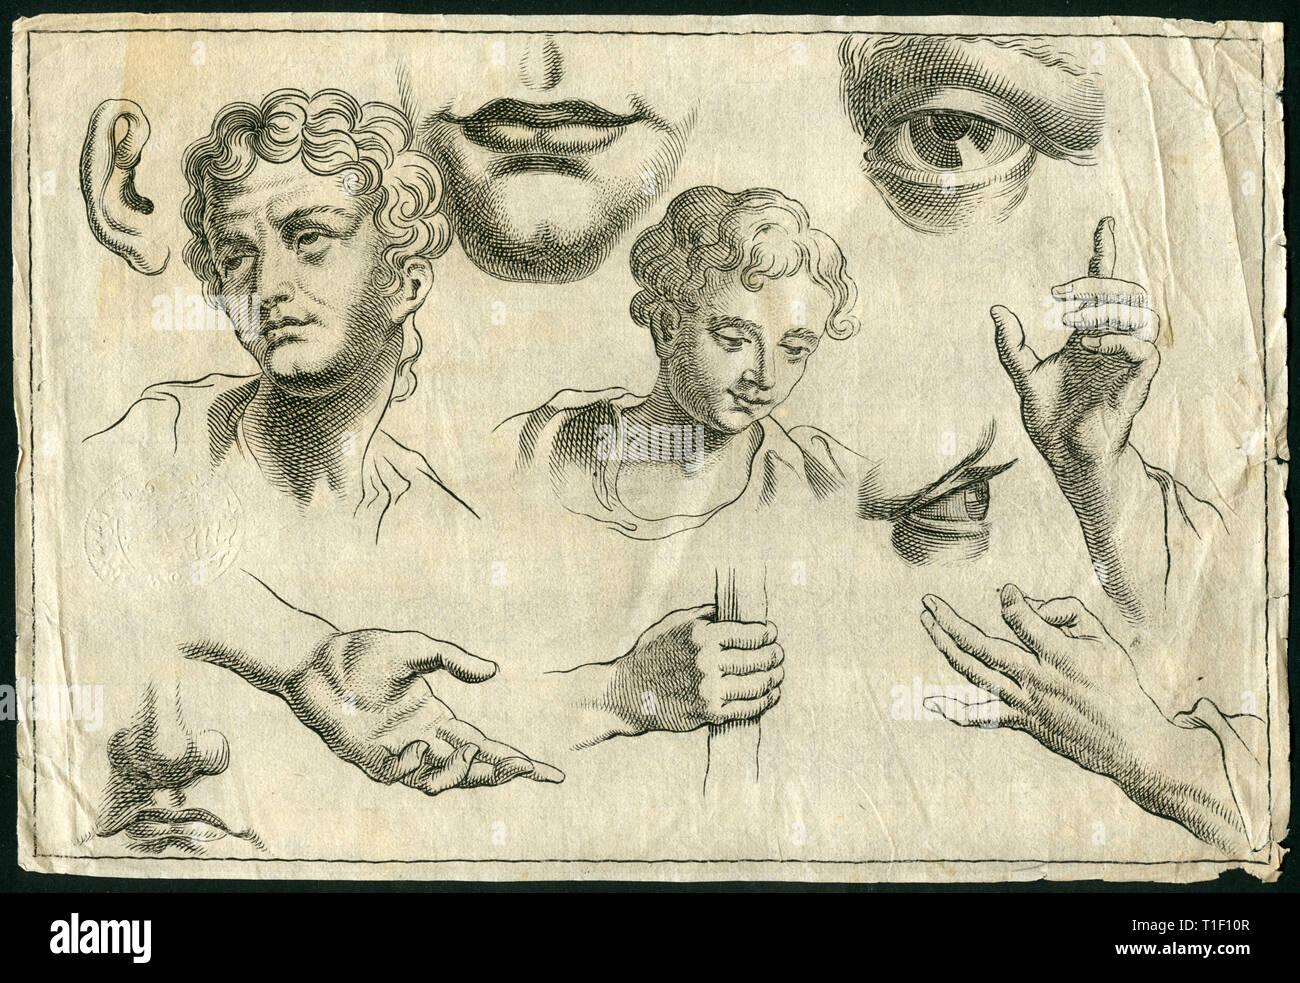 Dibujo histórico de partes del cuerpo, cabeza, ojos, boca, mentón y la mano, copperplate grabado desde aproximadamente 1700, Copyright del artista no ha de ser borrado Imagen De Stock